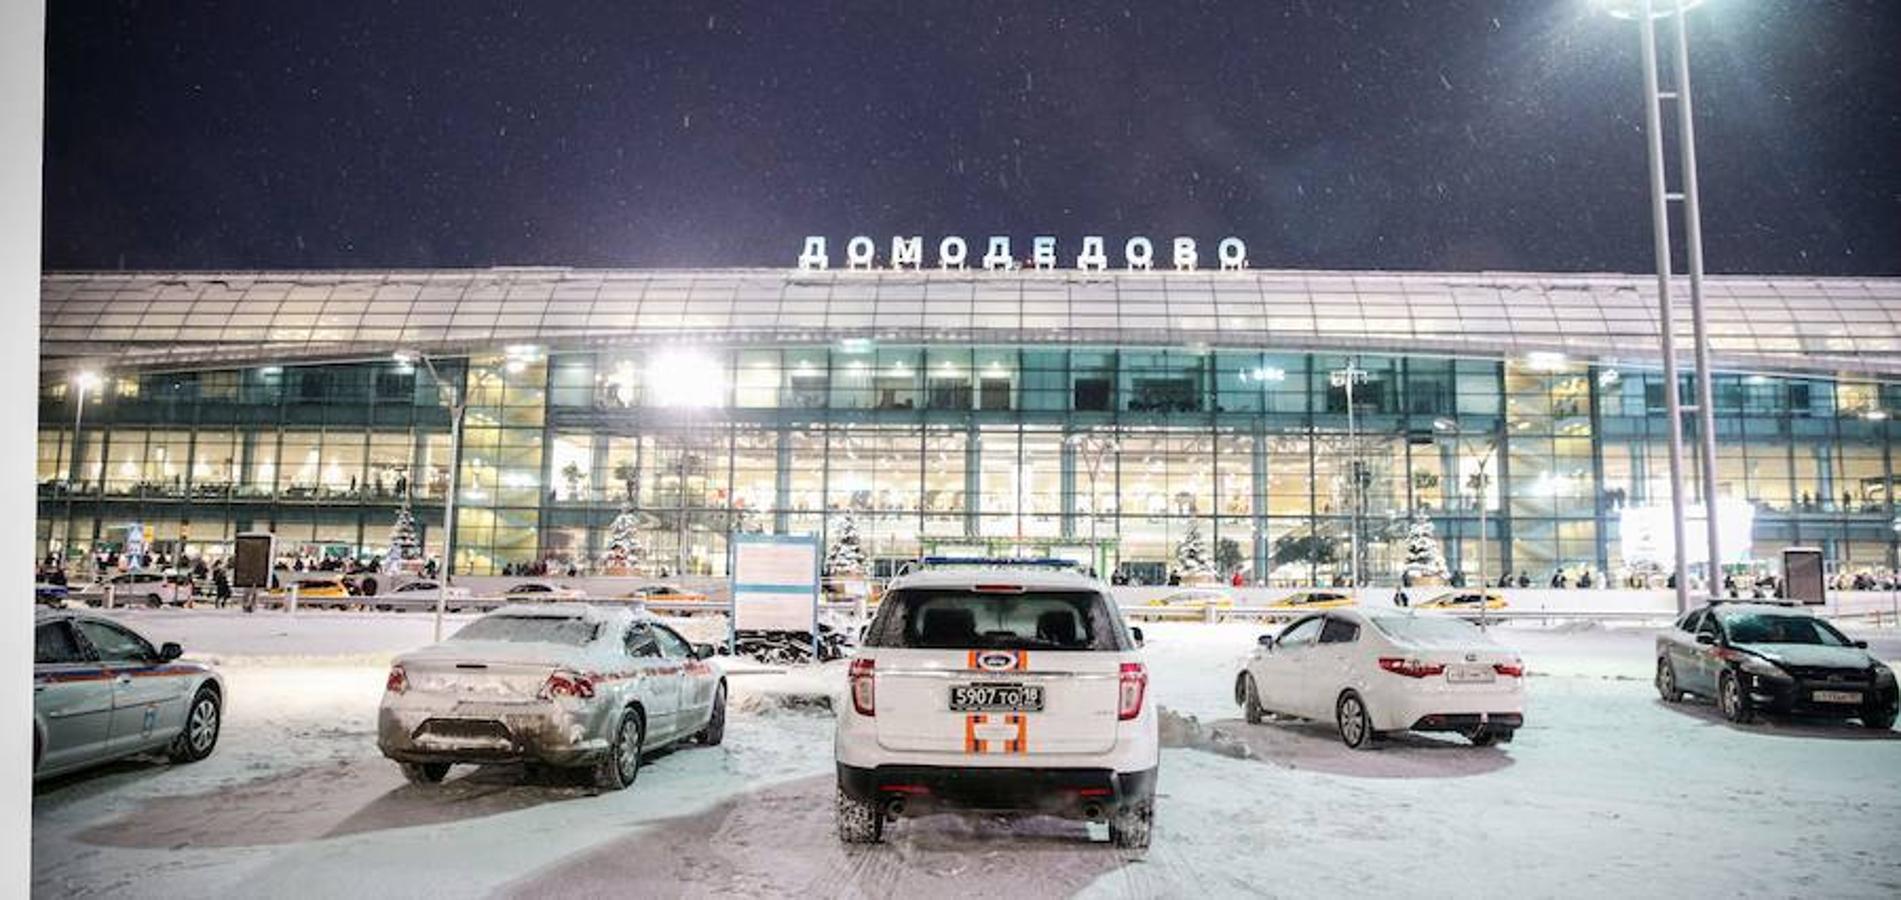 Fotos del accidente aéreo en Moscú